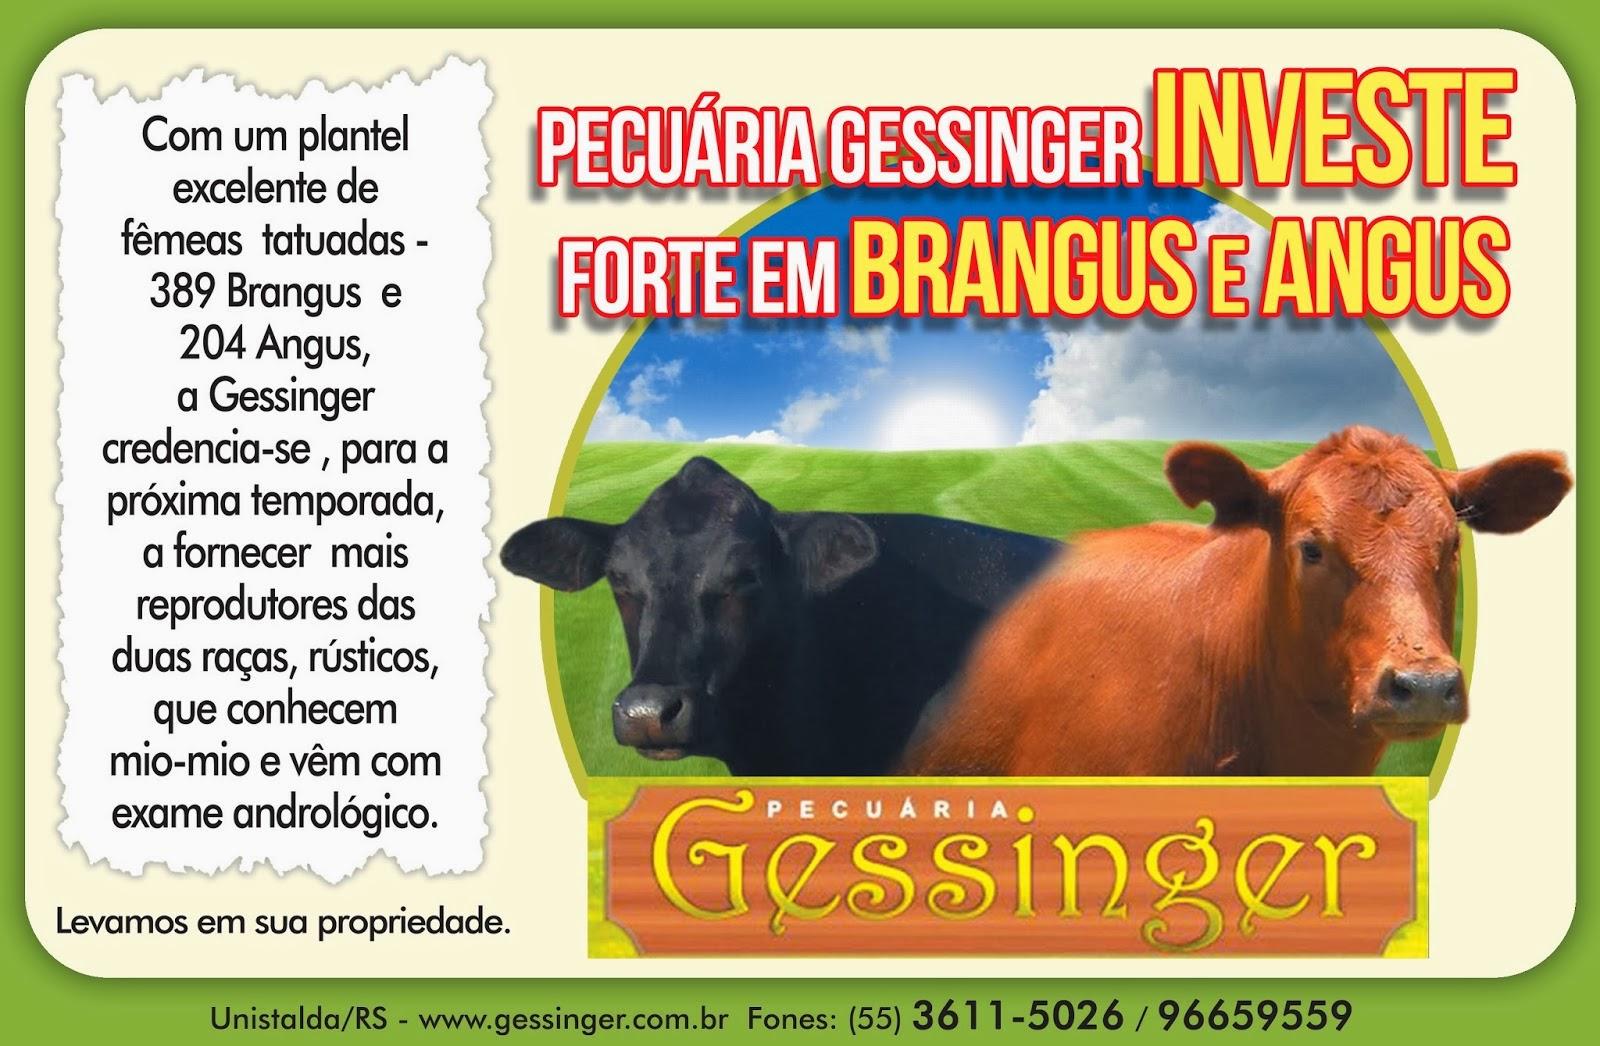 PECUÁRIA GESSINGER